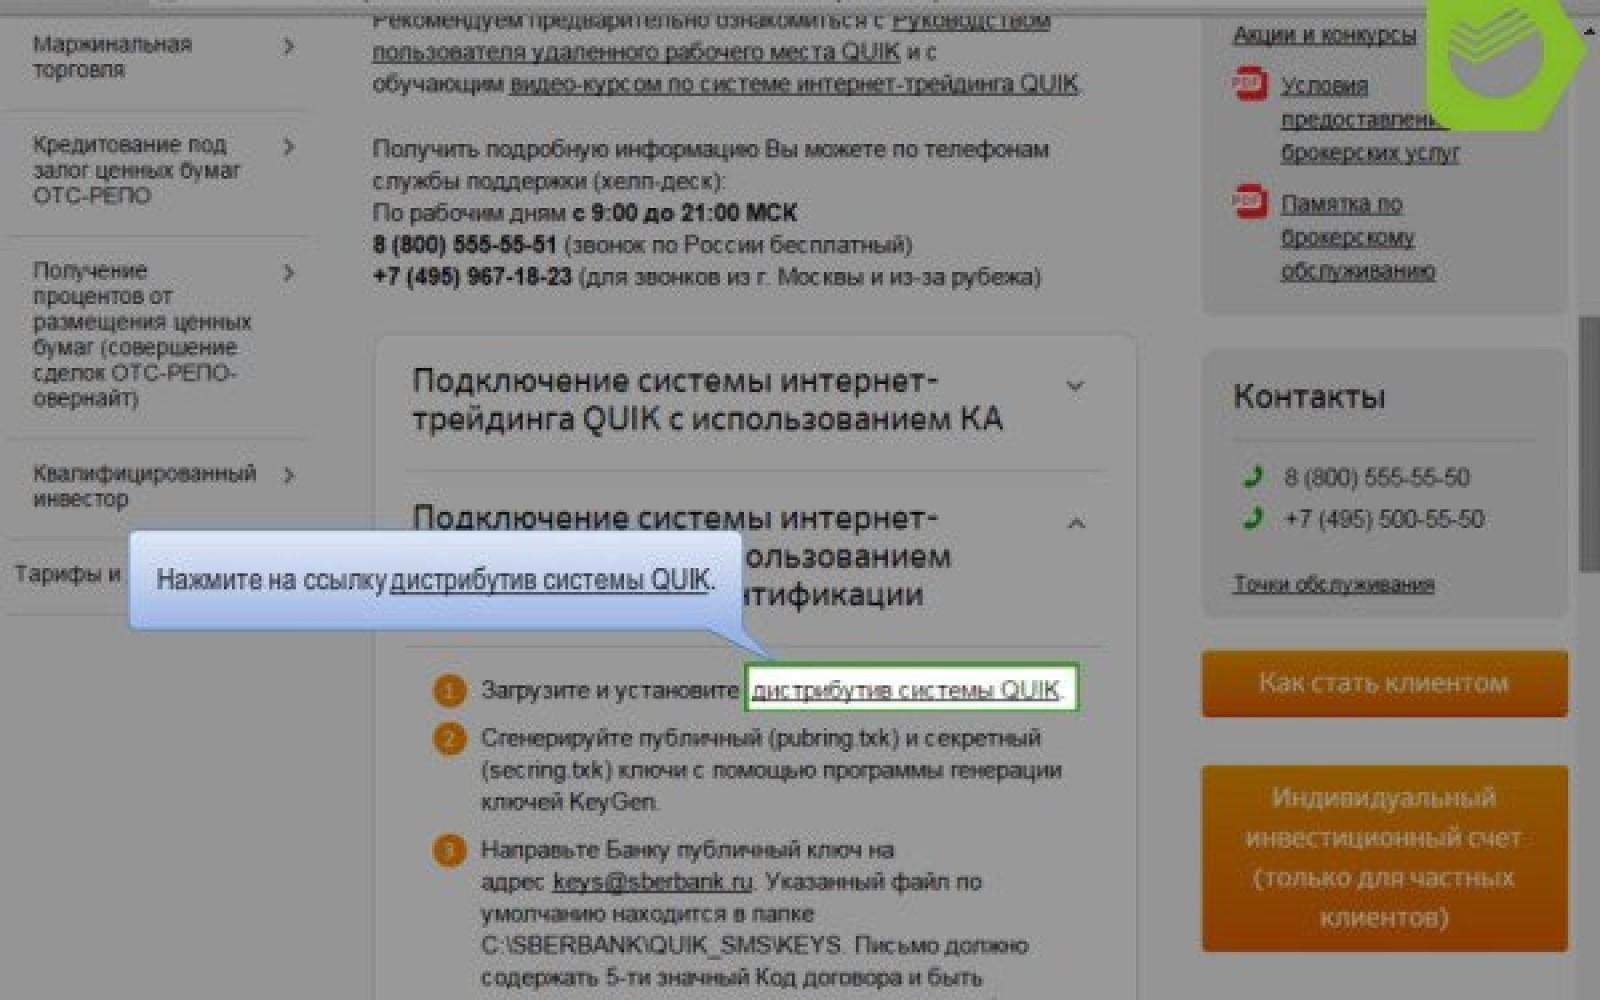 Купить акции Газпрома физическому лицу в Сбербанке 8